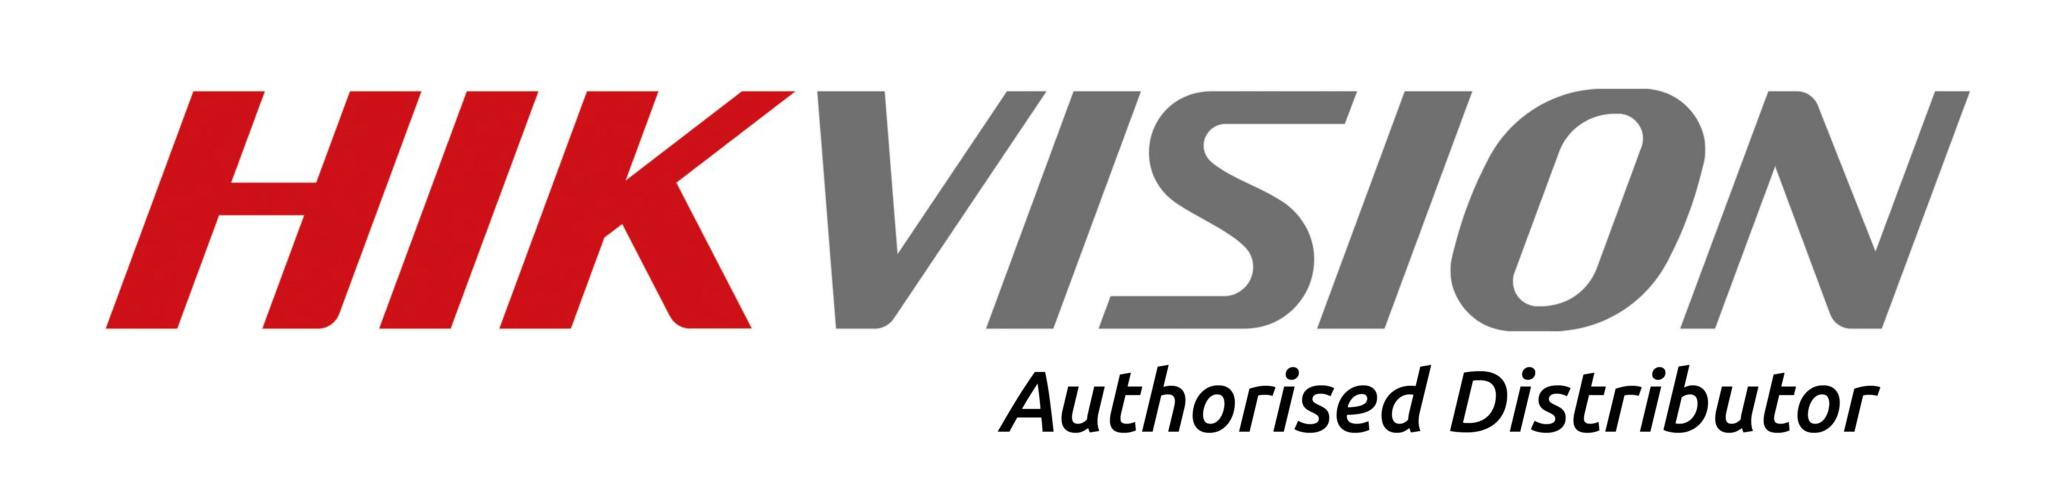 hikvision-official-distrbutor-logo درباره ما